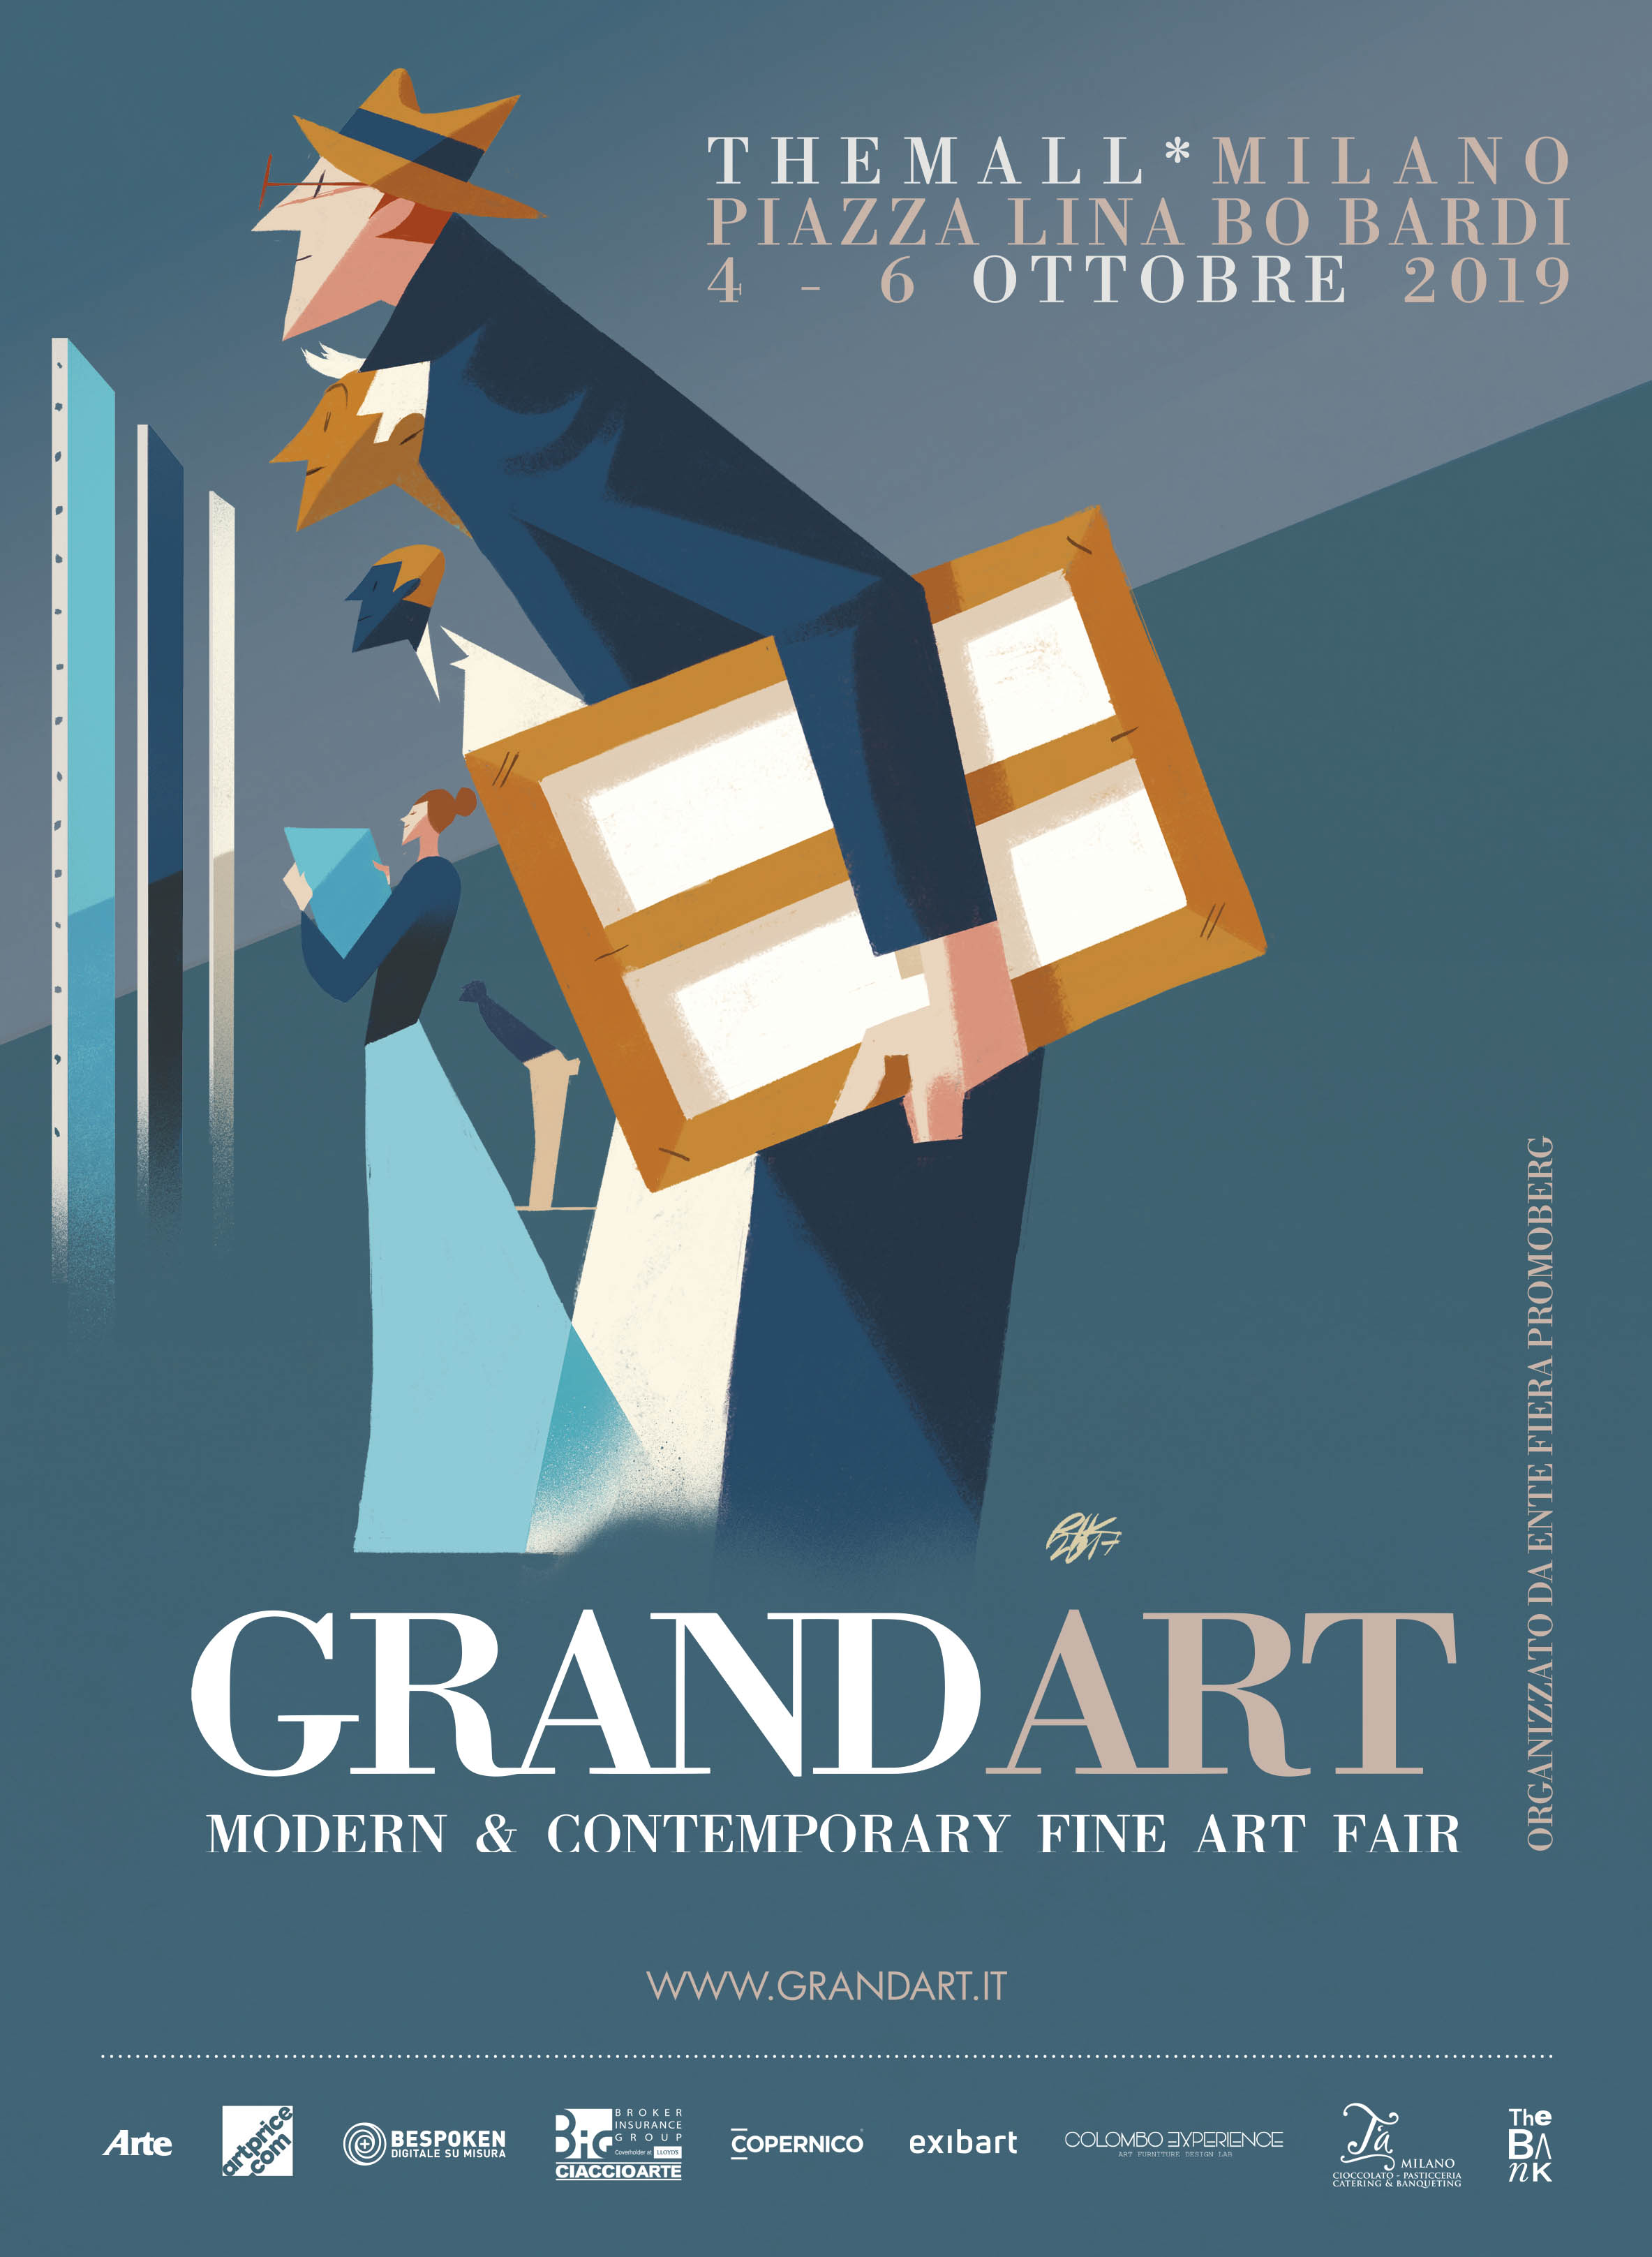 GrandArt: Modern & Contemporary Fine Art Fair